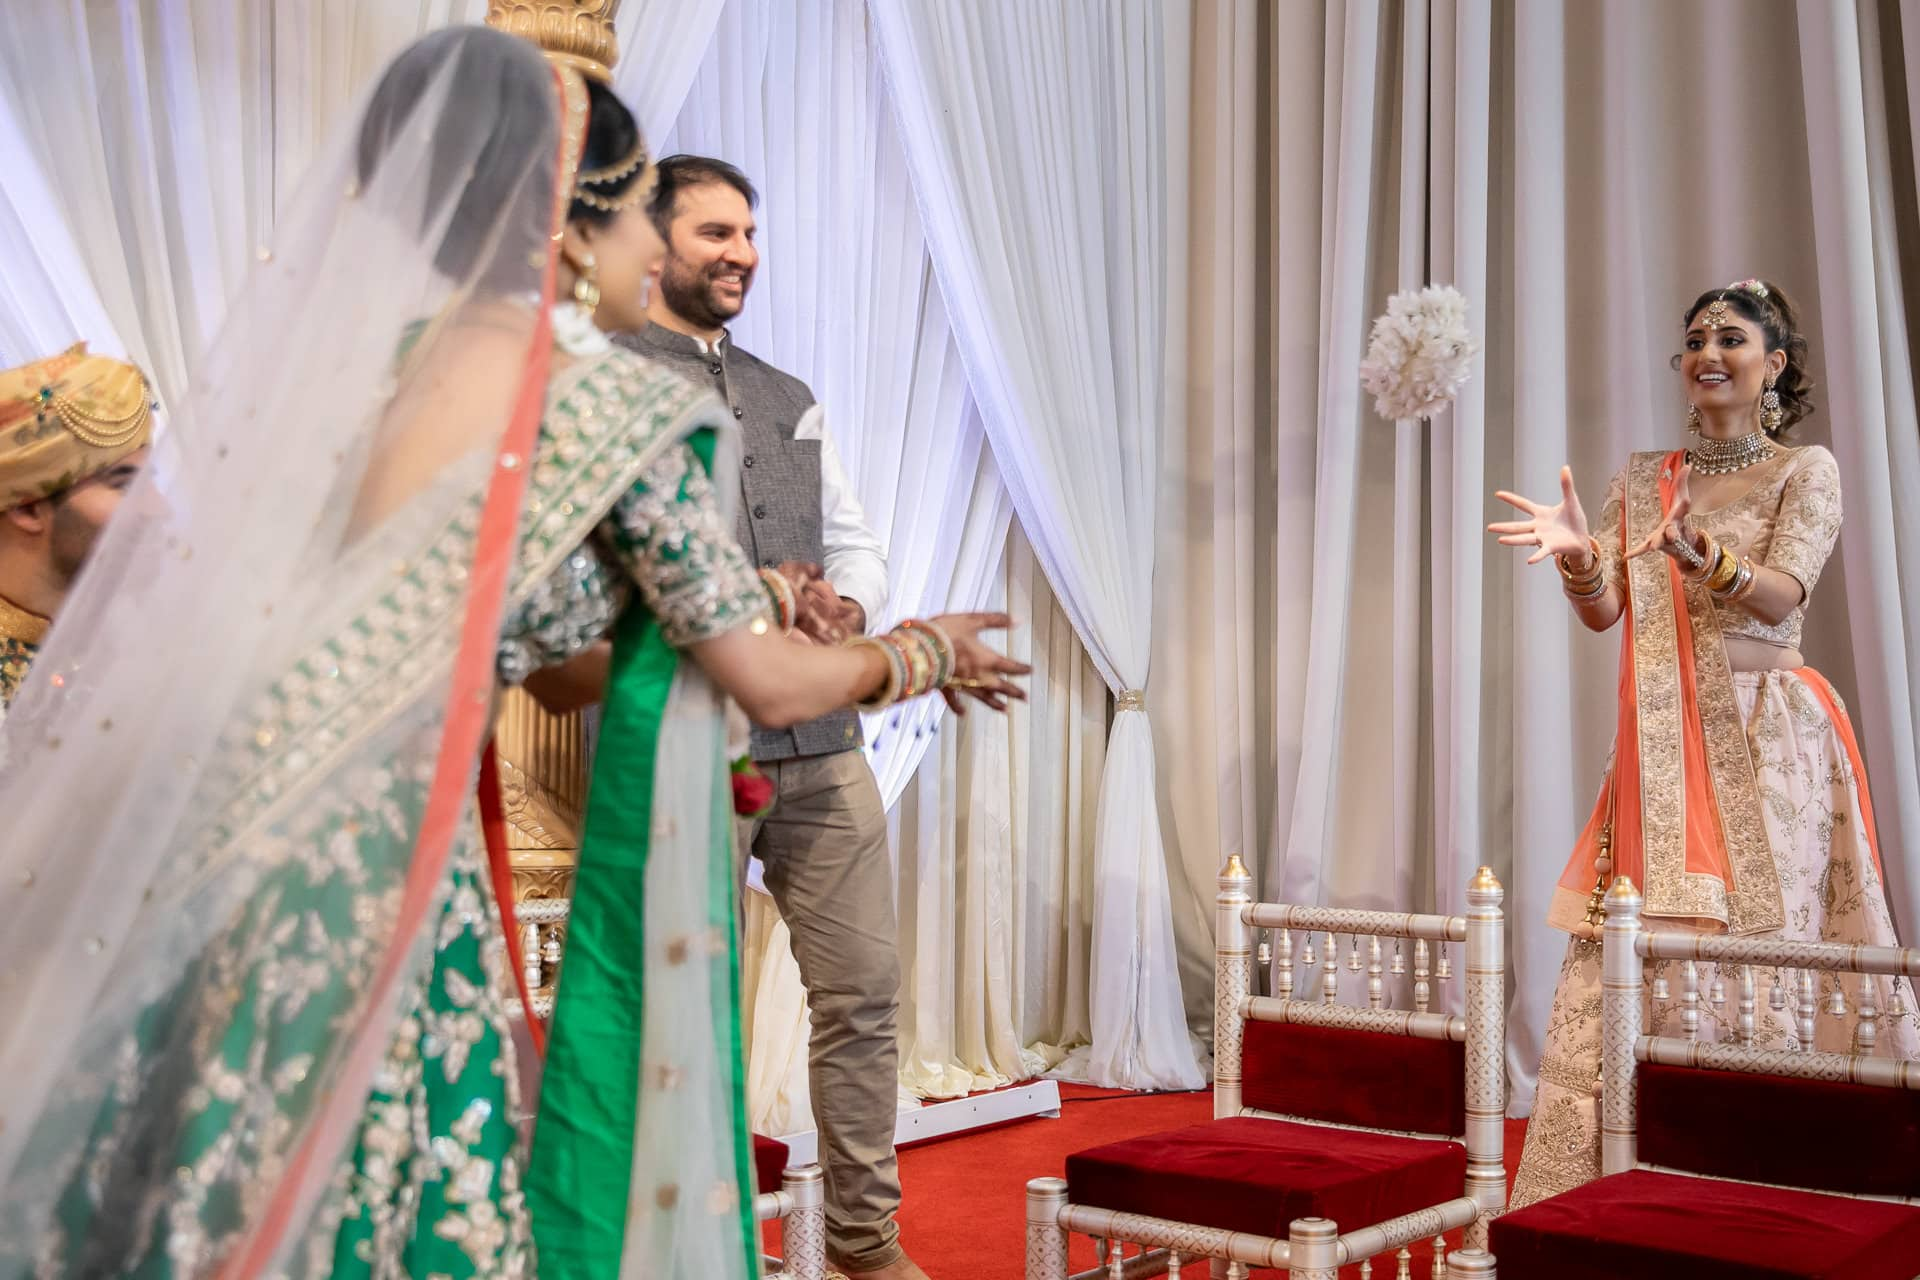 Bride throwing flowers during Hindu wedding